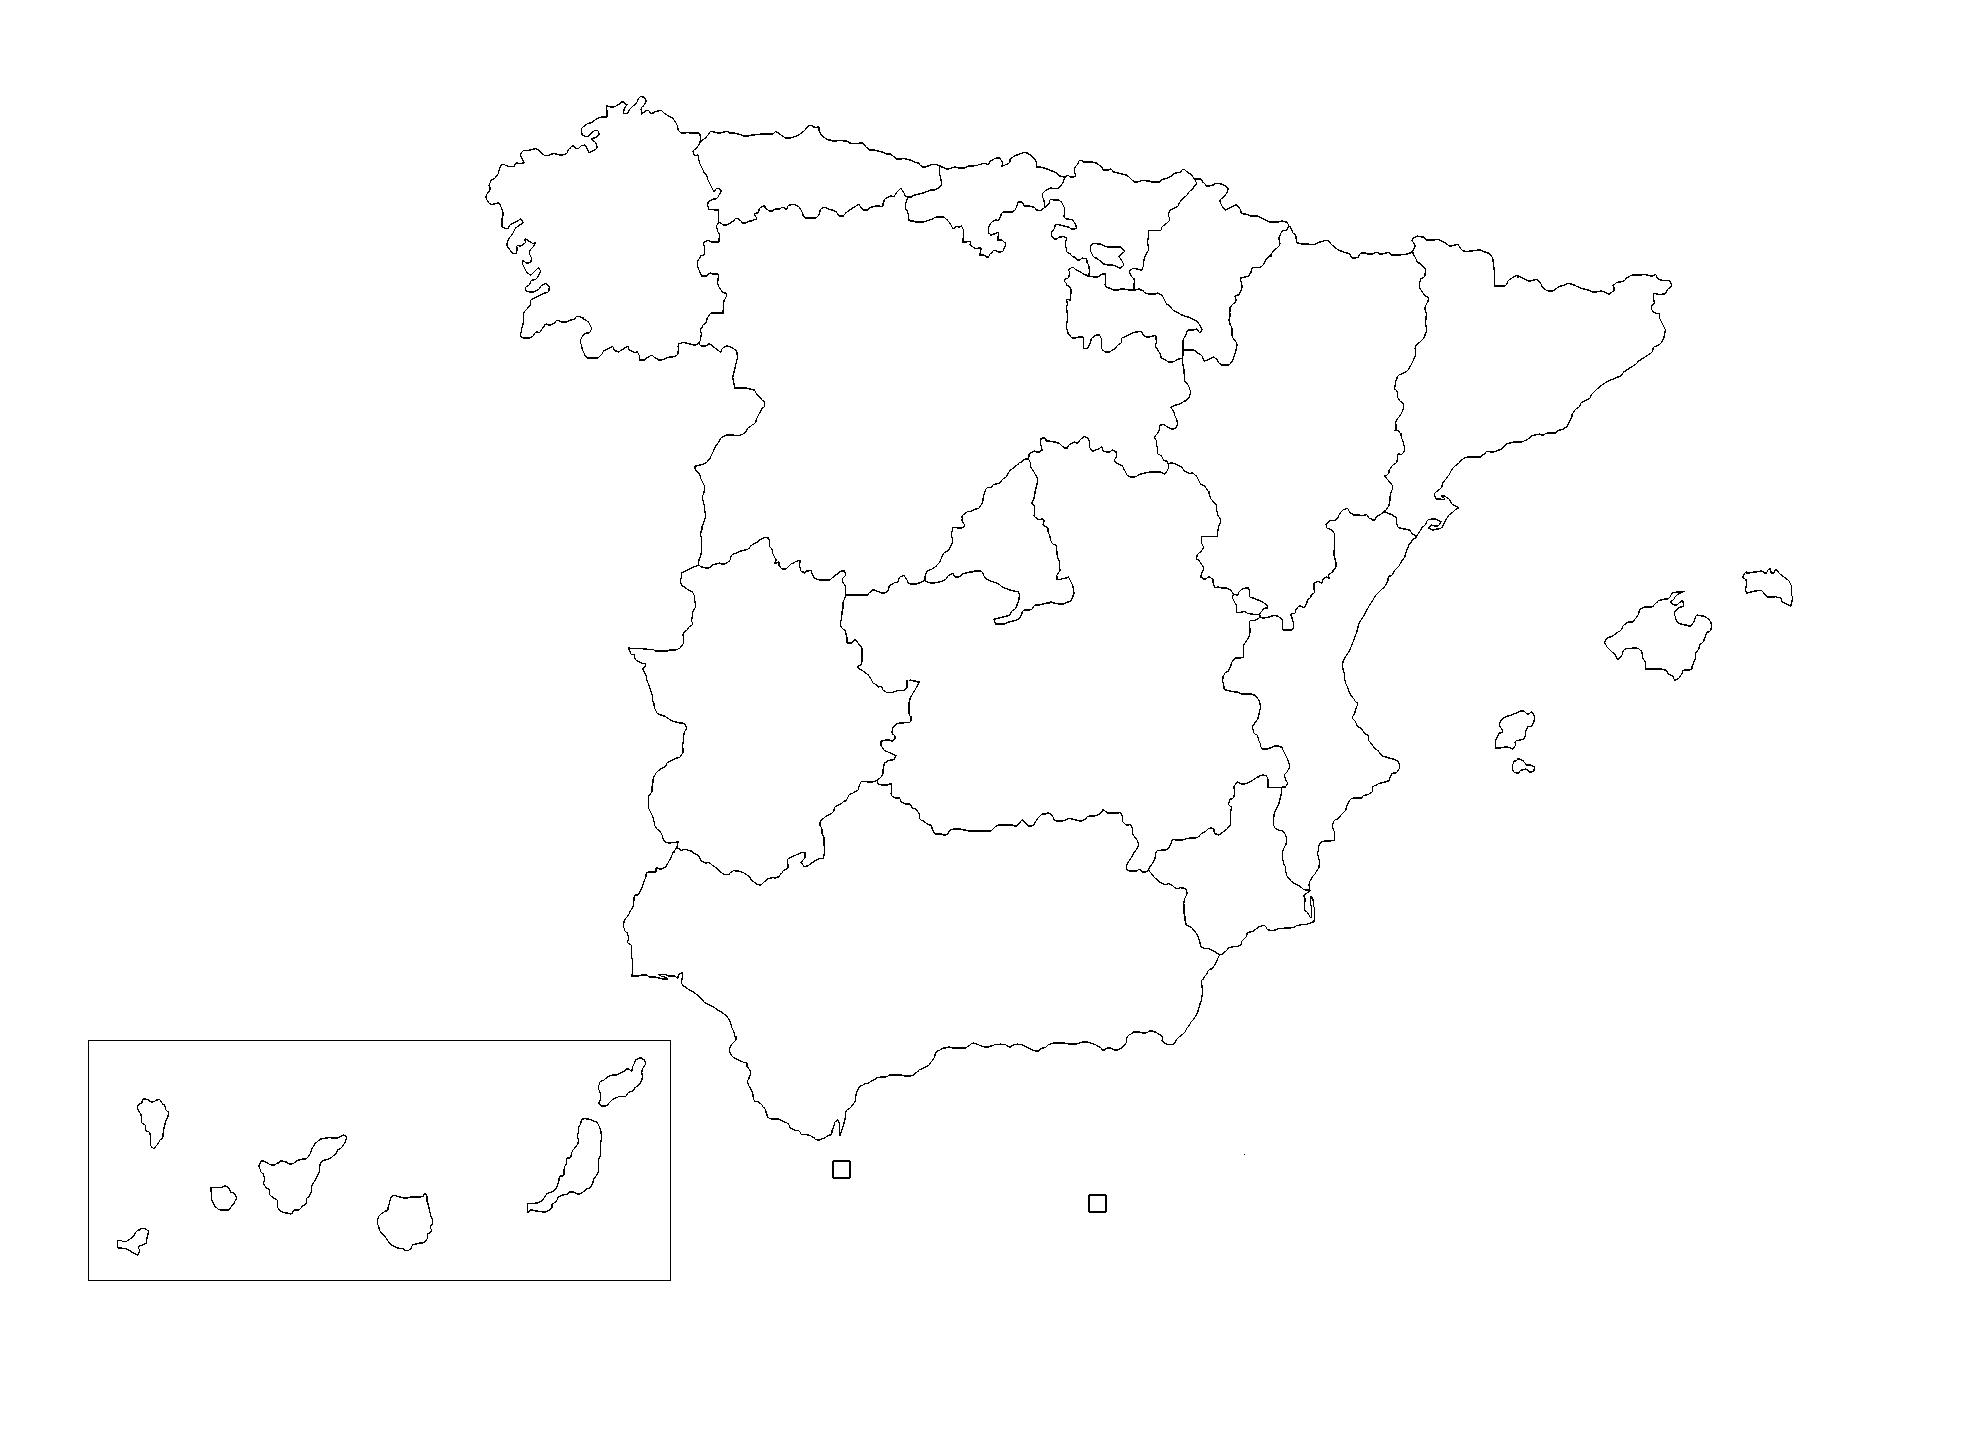 Mapa España Comunidades Autonomas Png.Mapa De Espana Politico Fisico Mudo Con Nombres